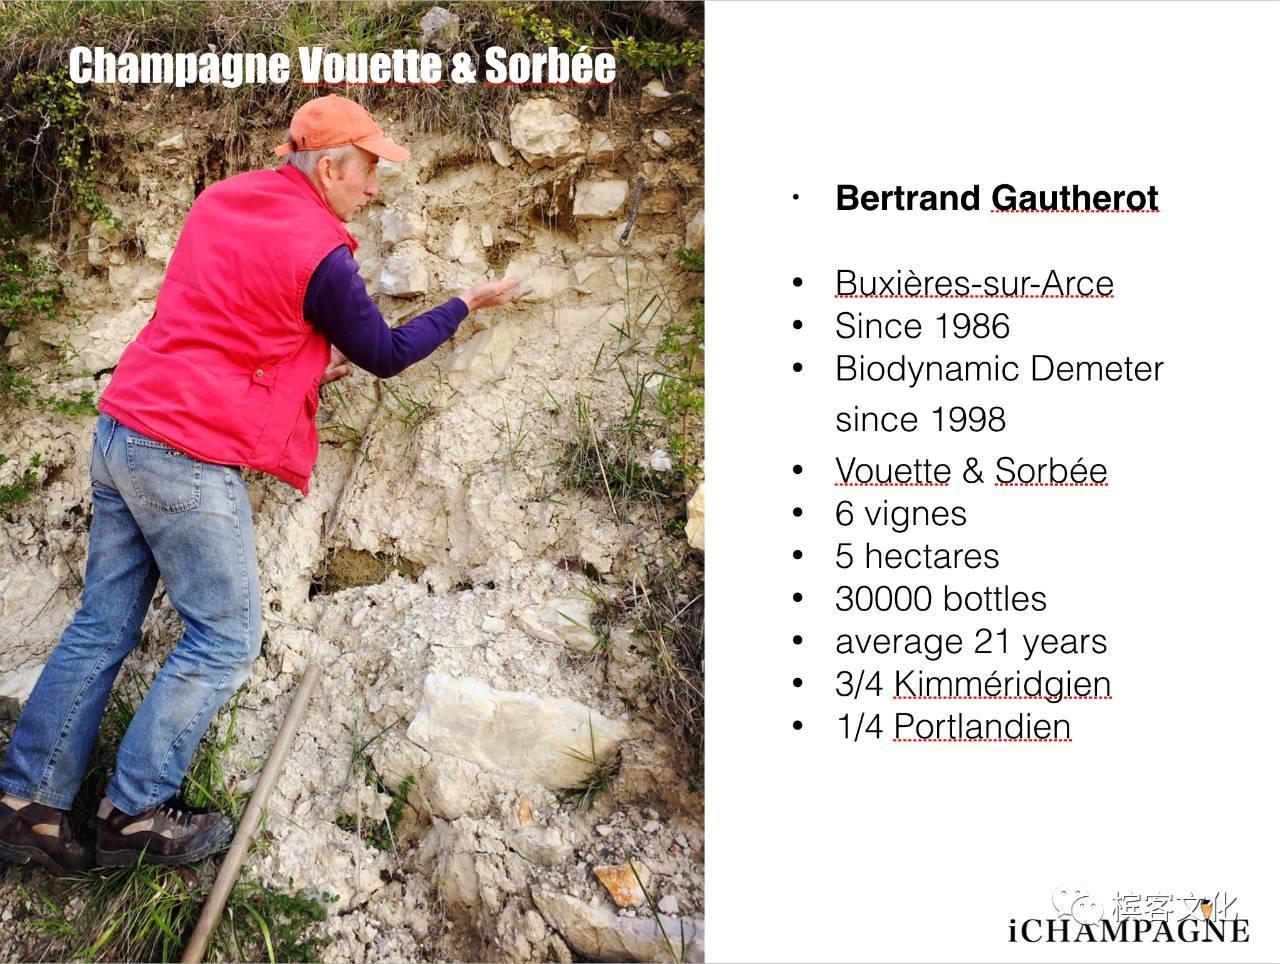 香槟的风土(四): 巴尔山坡Côte des Bars篇